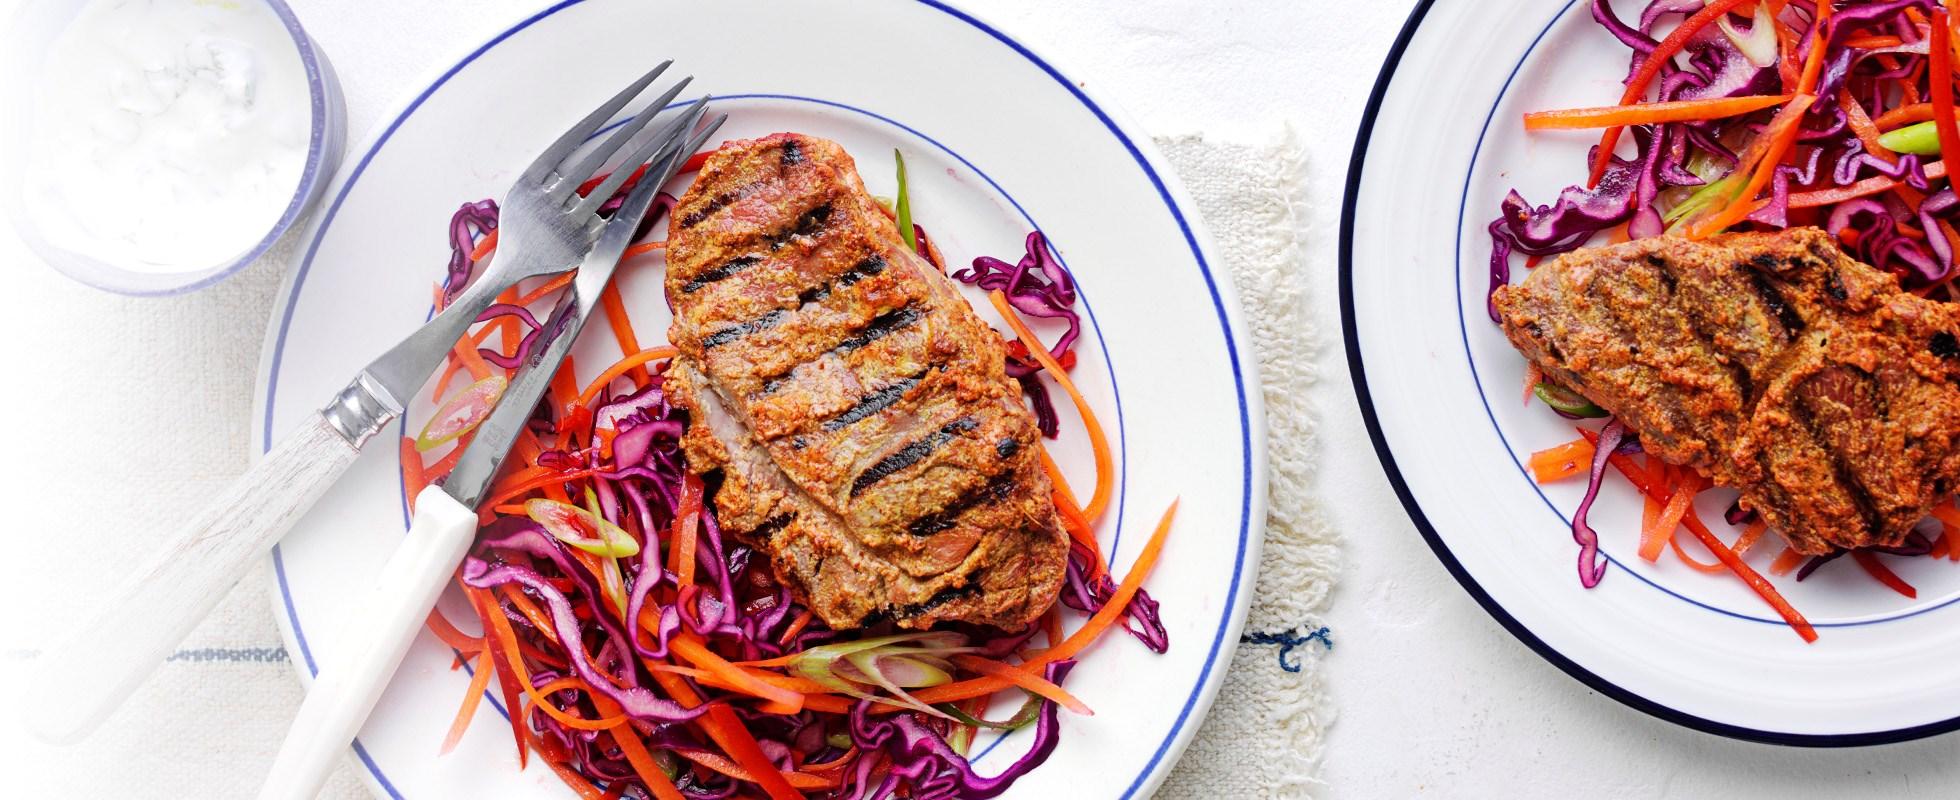 Tandoori lamb steaks with chilli-spiked slaw